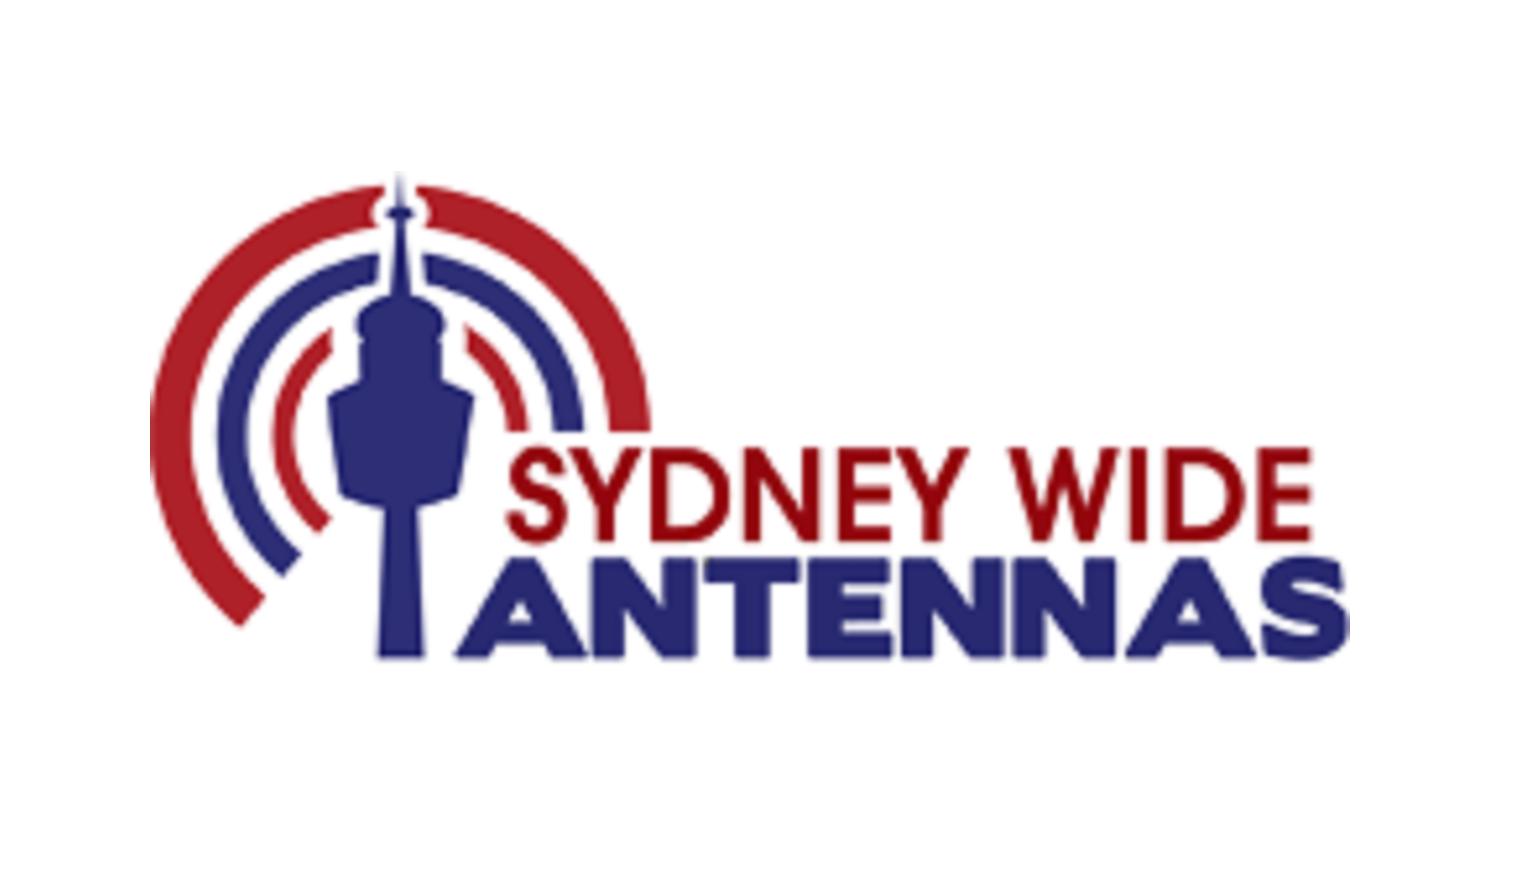 Sydney Wide Antennas